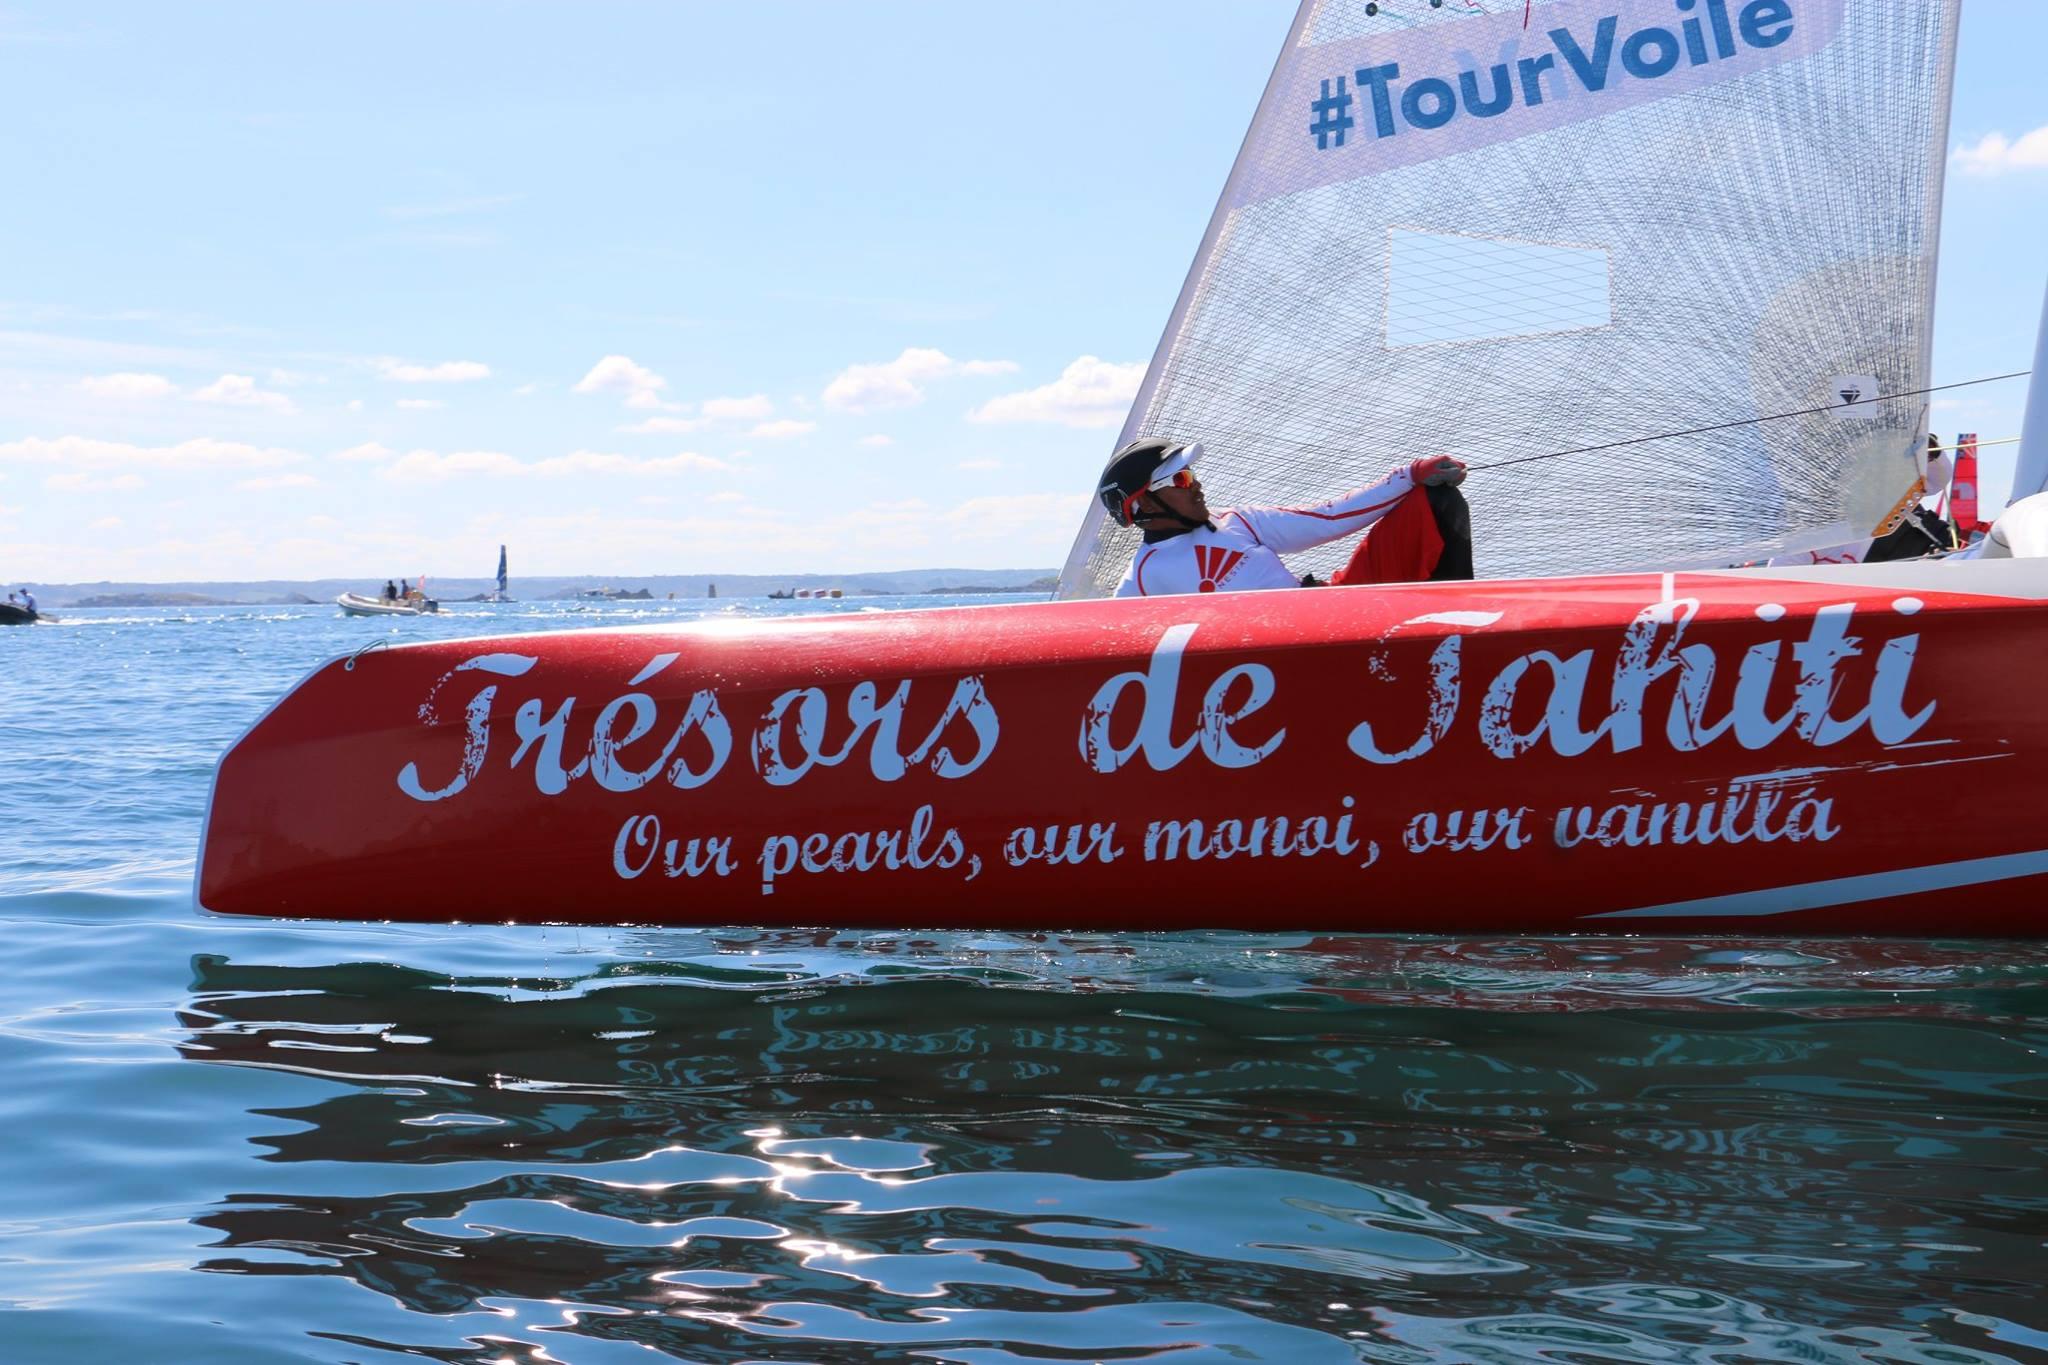 Une première journée en Méditerranée compliquée pour le team tahitien